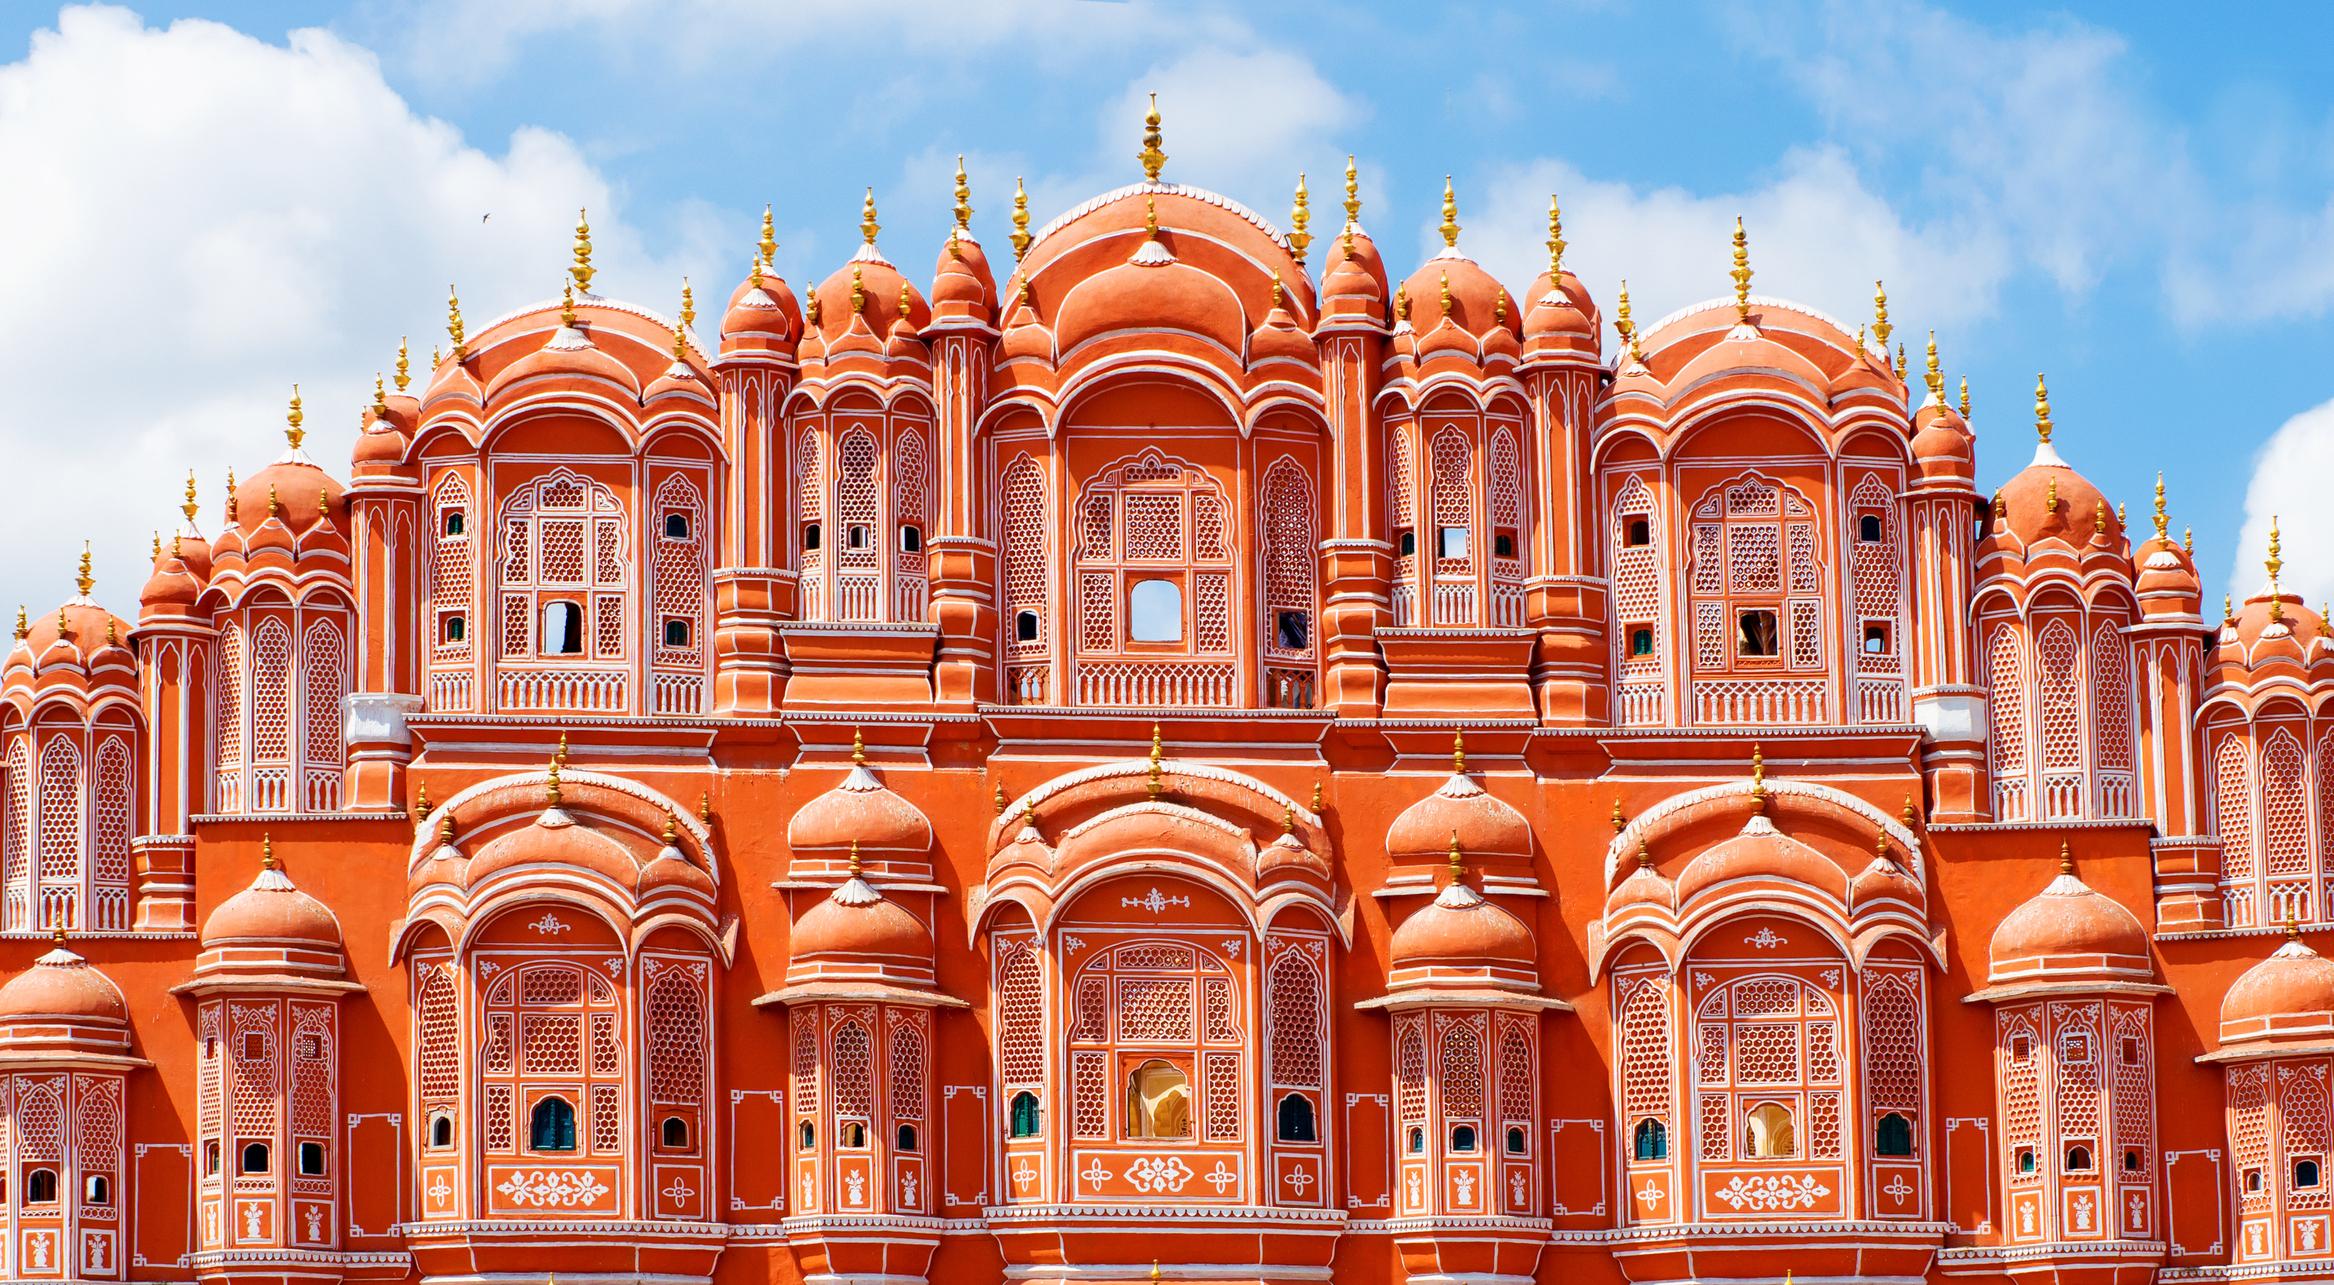 Hawa Mahal palace in Jaipur, Rajasthan